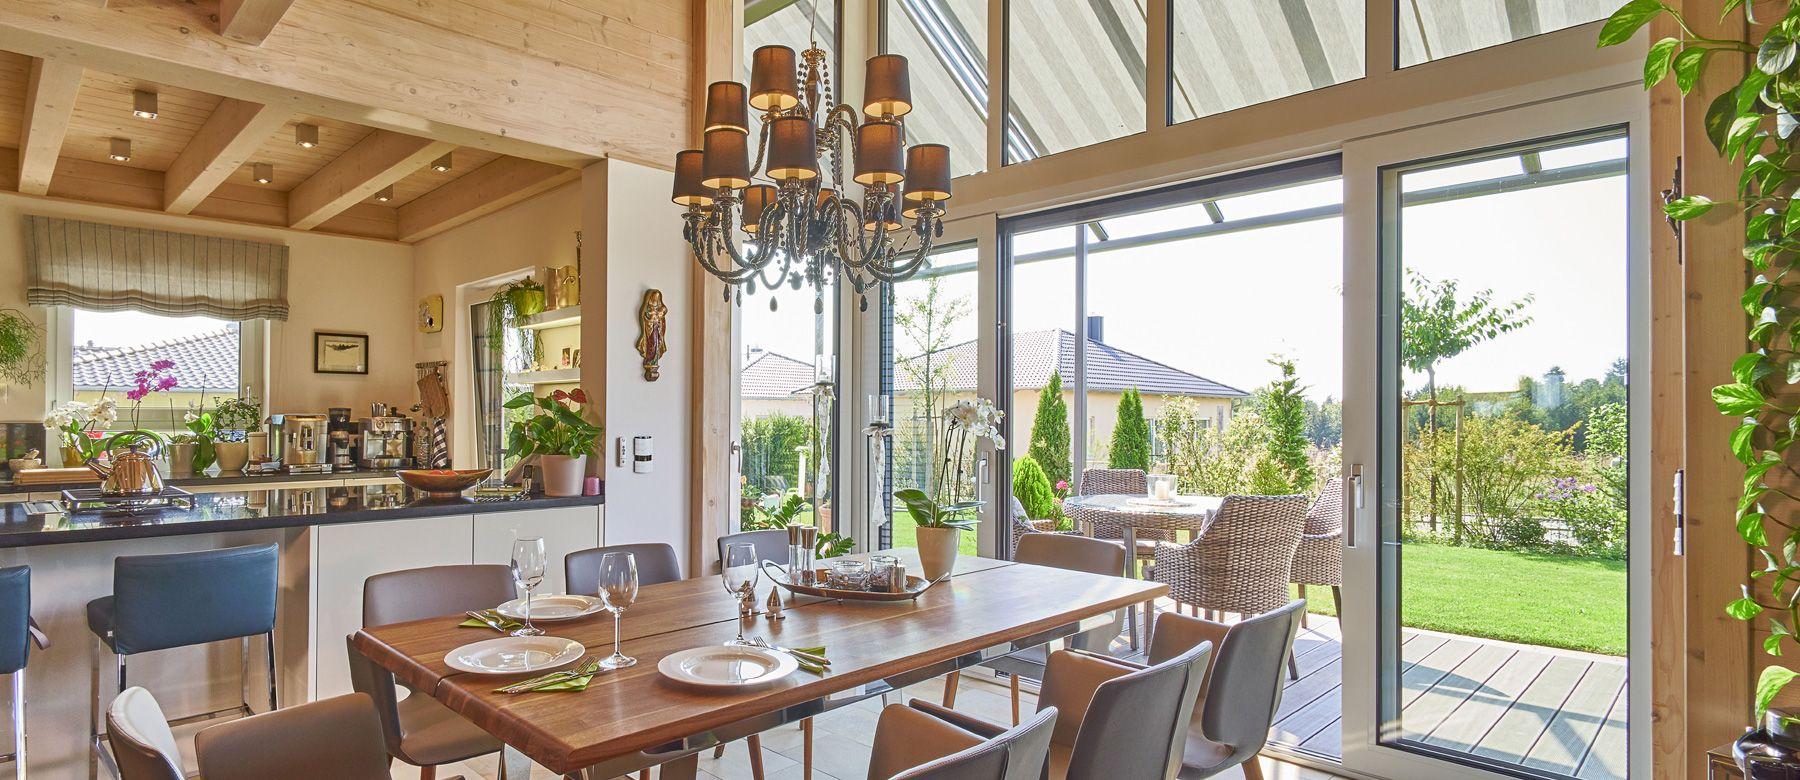 Kundenhaus Niederhofer - ein Traum von einem Sonnleitner-Holzhaus ...